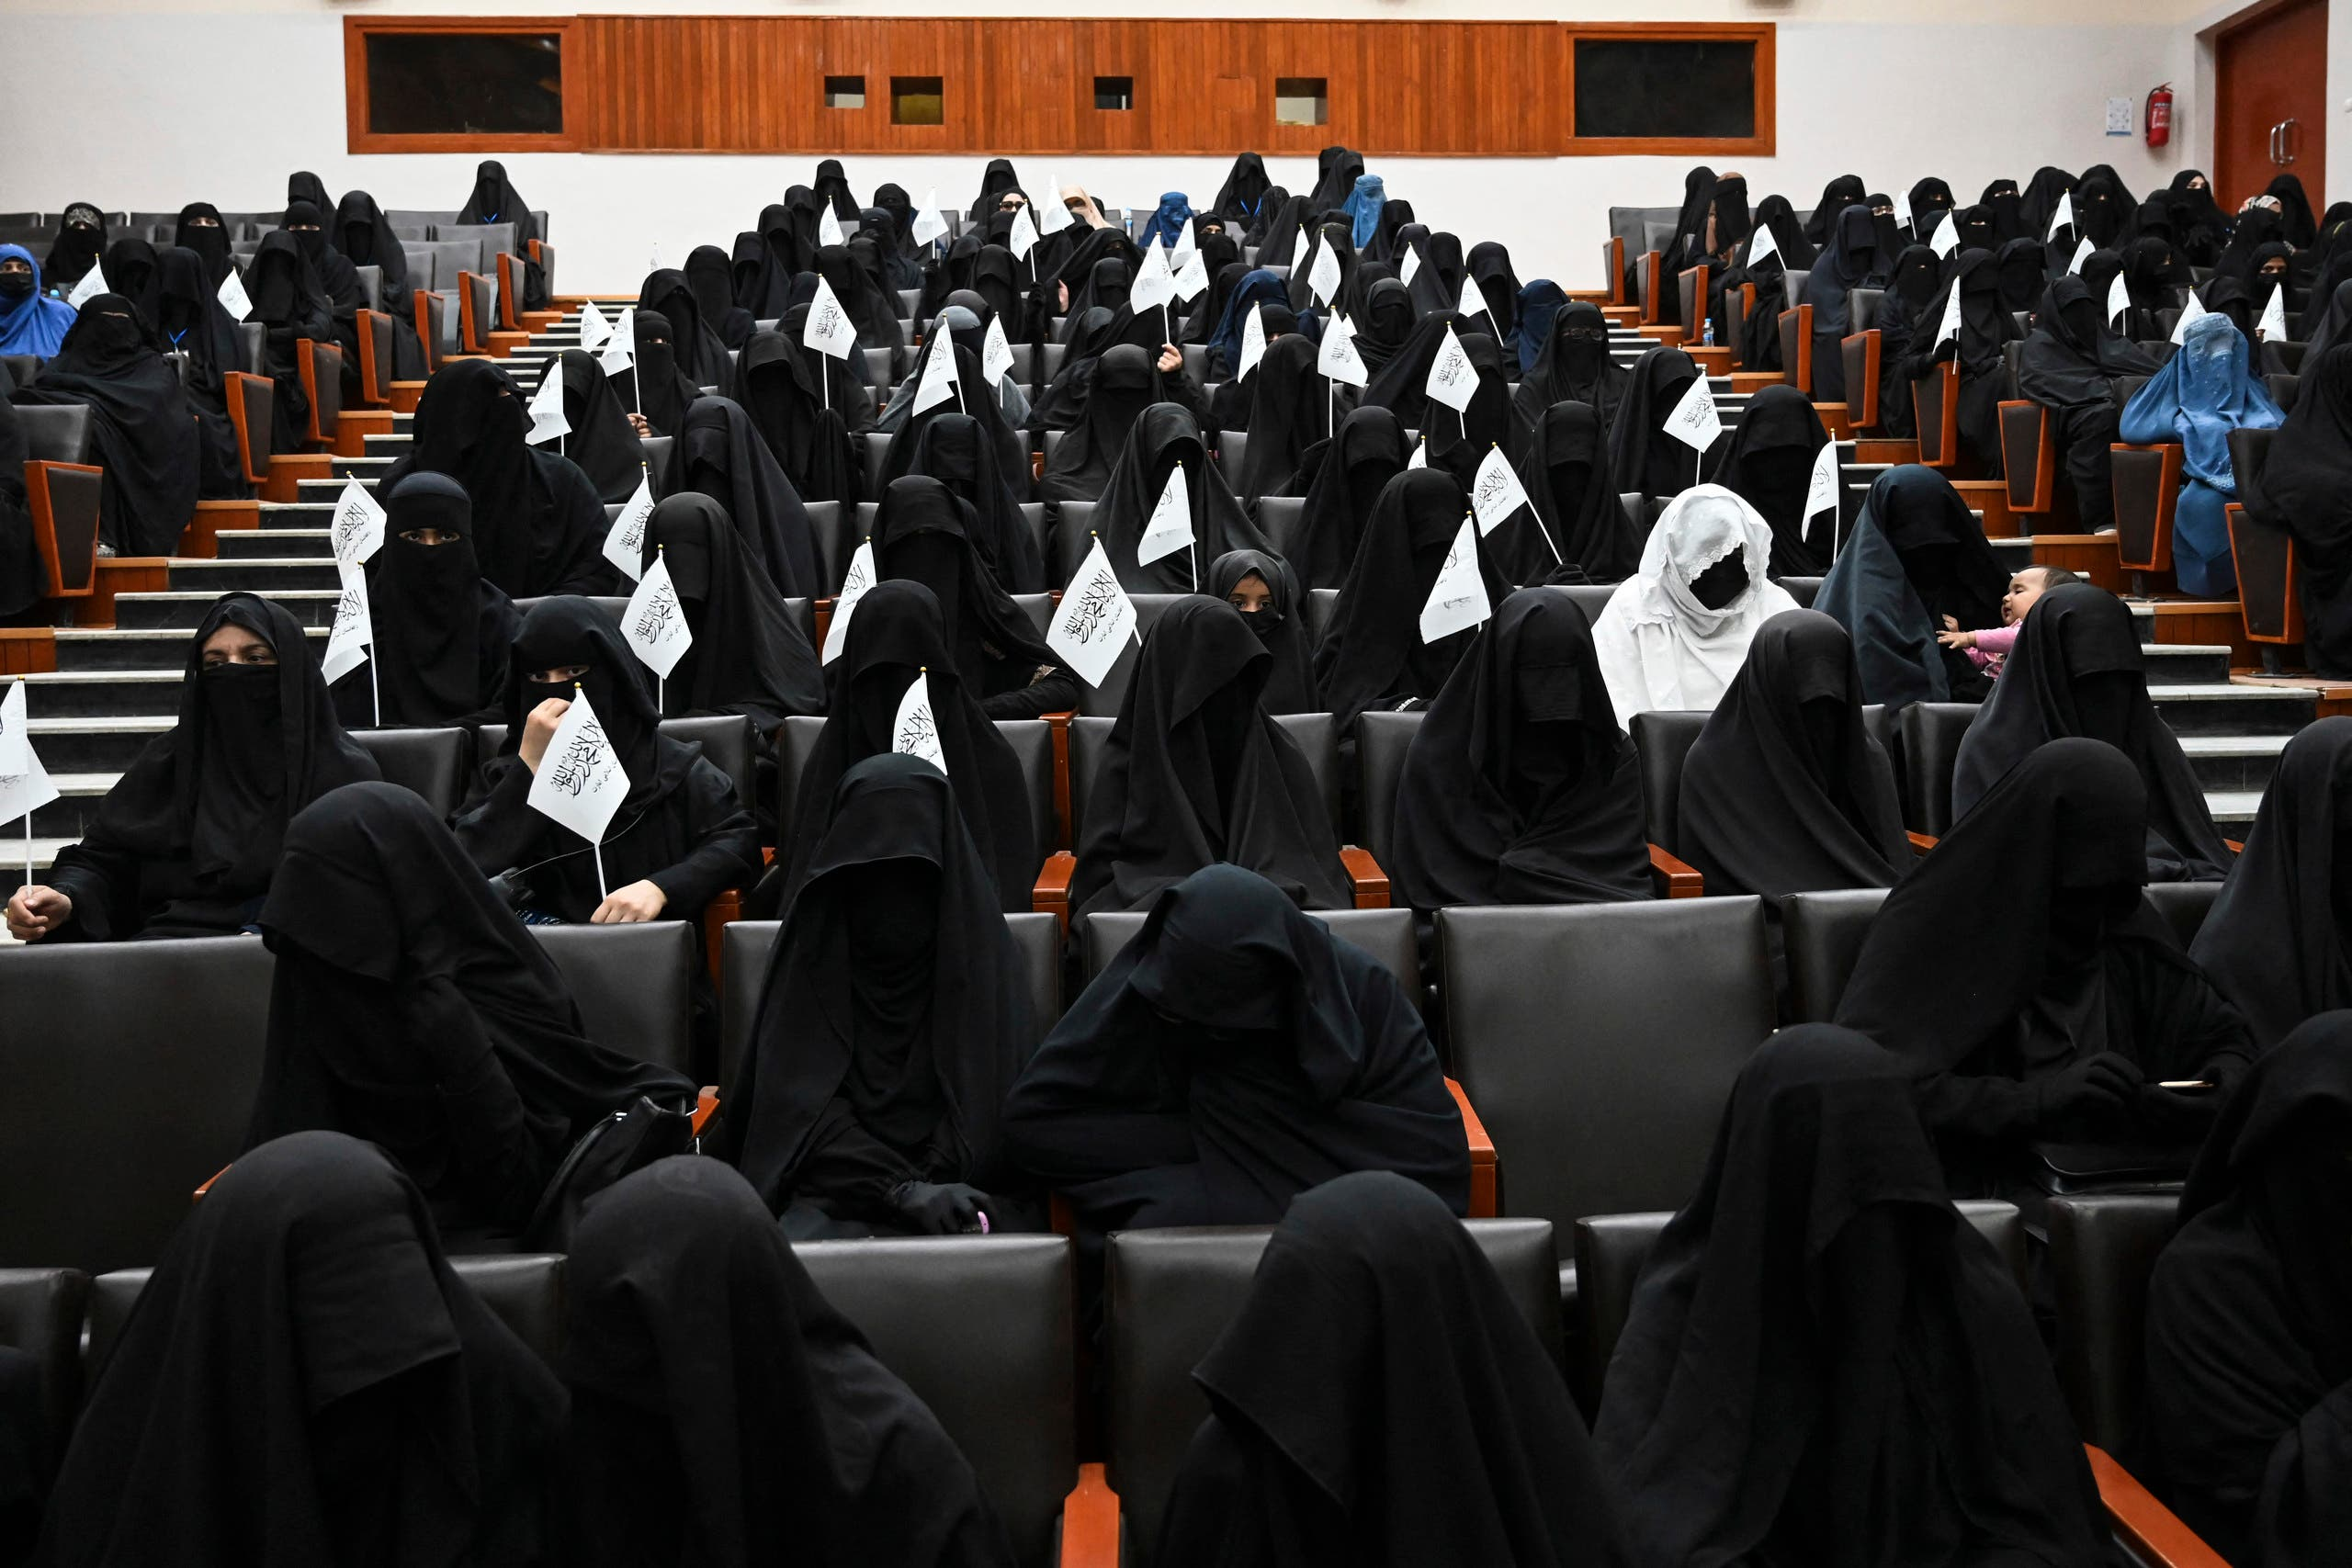 نساء مؤيدات لحركة طالبان في كابل (فرانس برس)